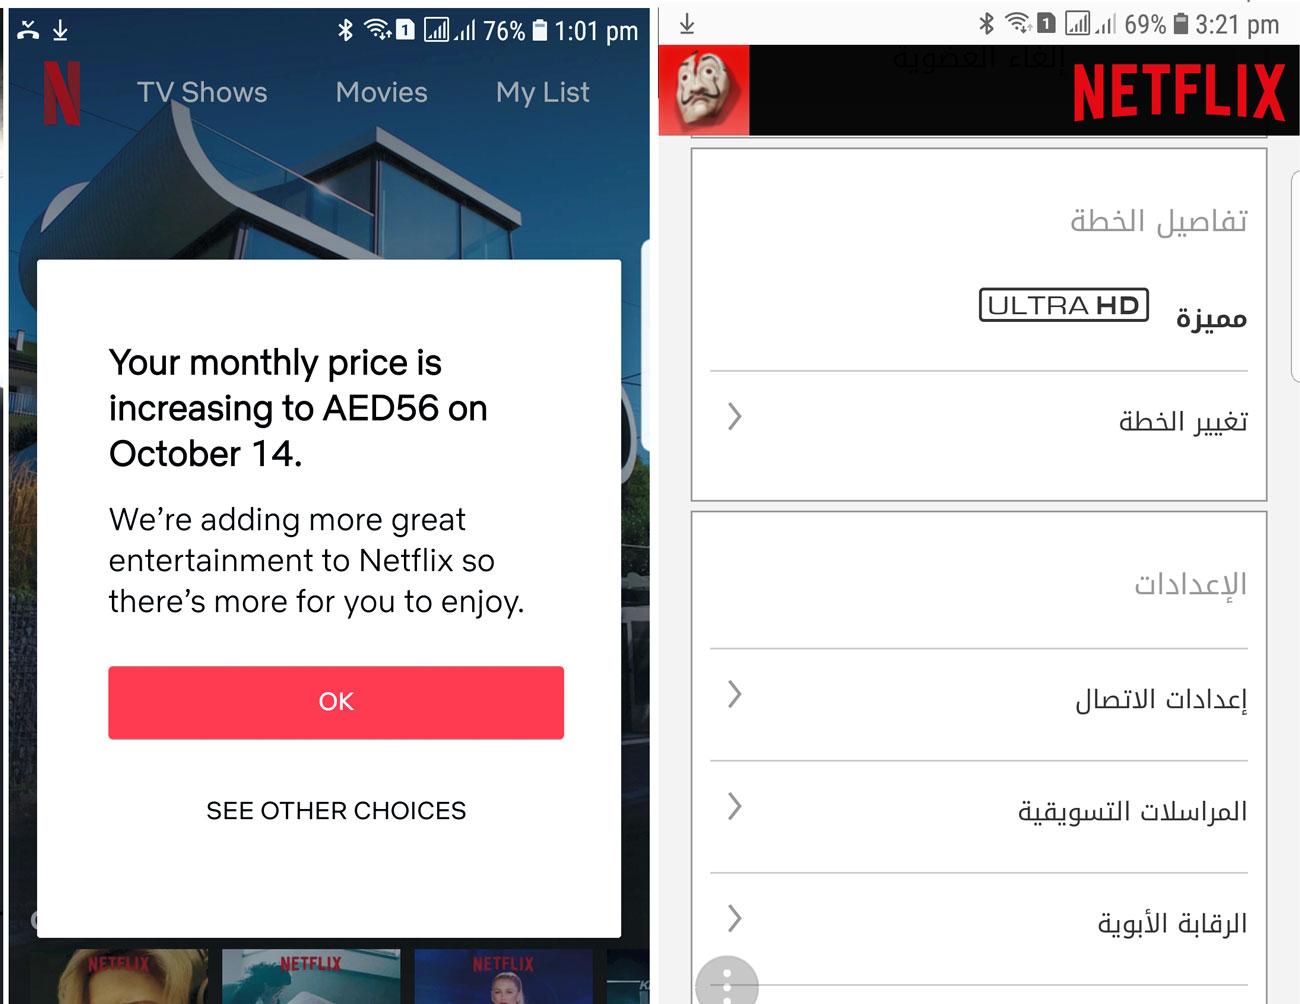 نتفليكس ترفع أسعار اشتراكاتها في الإمارات أريبيان بزنس